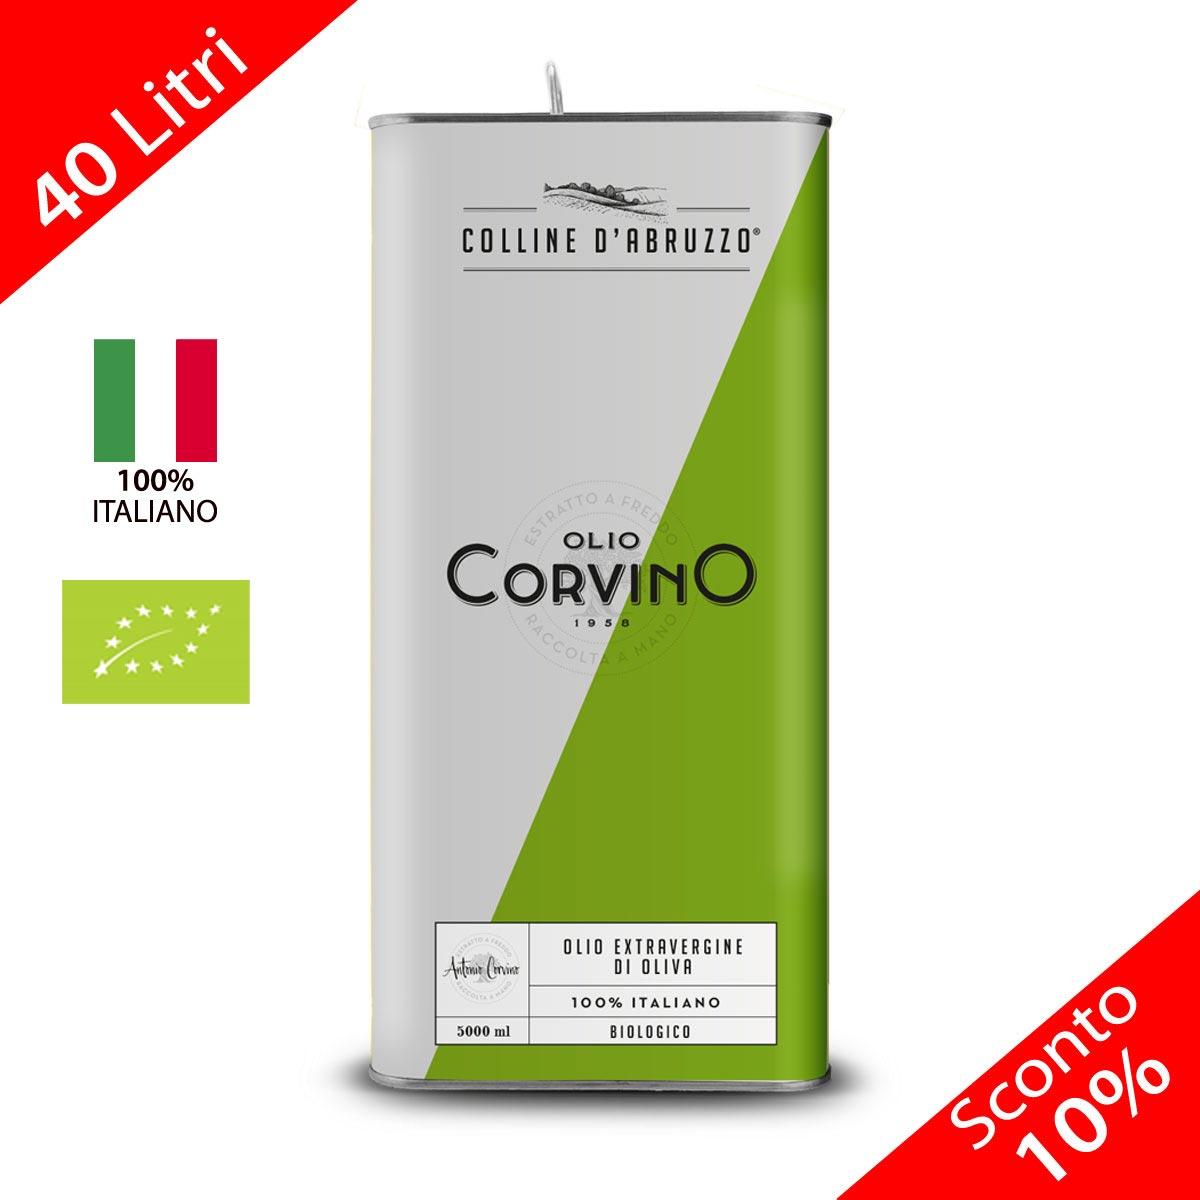 Olio Extravergine D'Oliva Colline D'Abruzzo Biologico Italiano Lattina 5 litri